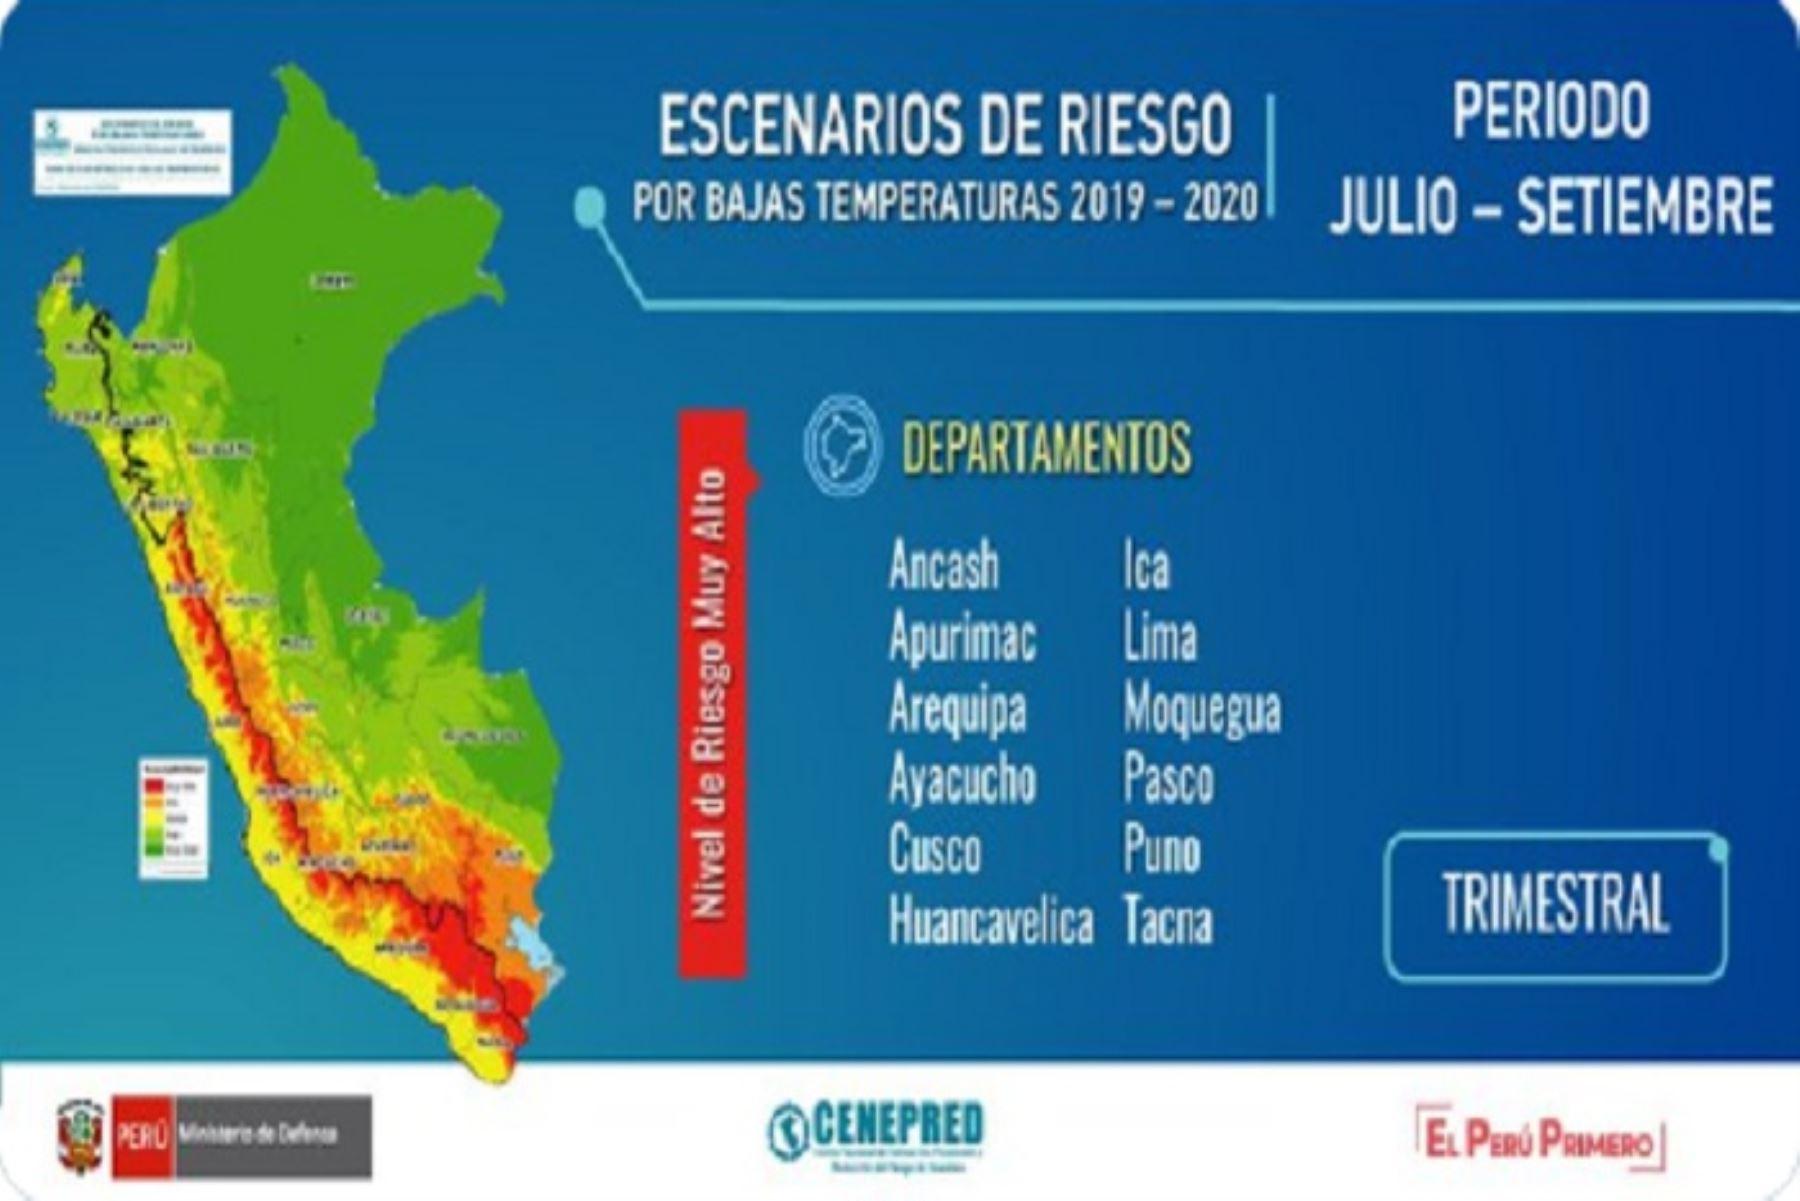 Los centros poblados con riesgo muy alto se encuentran ubicados en Arequipa, Puno, Huancavelica, Moquegua, Lima, Cusco, Tacna, Áncash, Ayacucho, Ica y Apurímac.